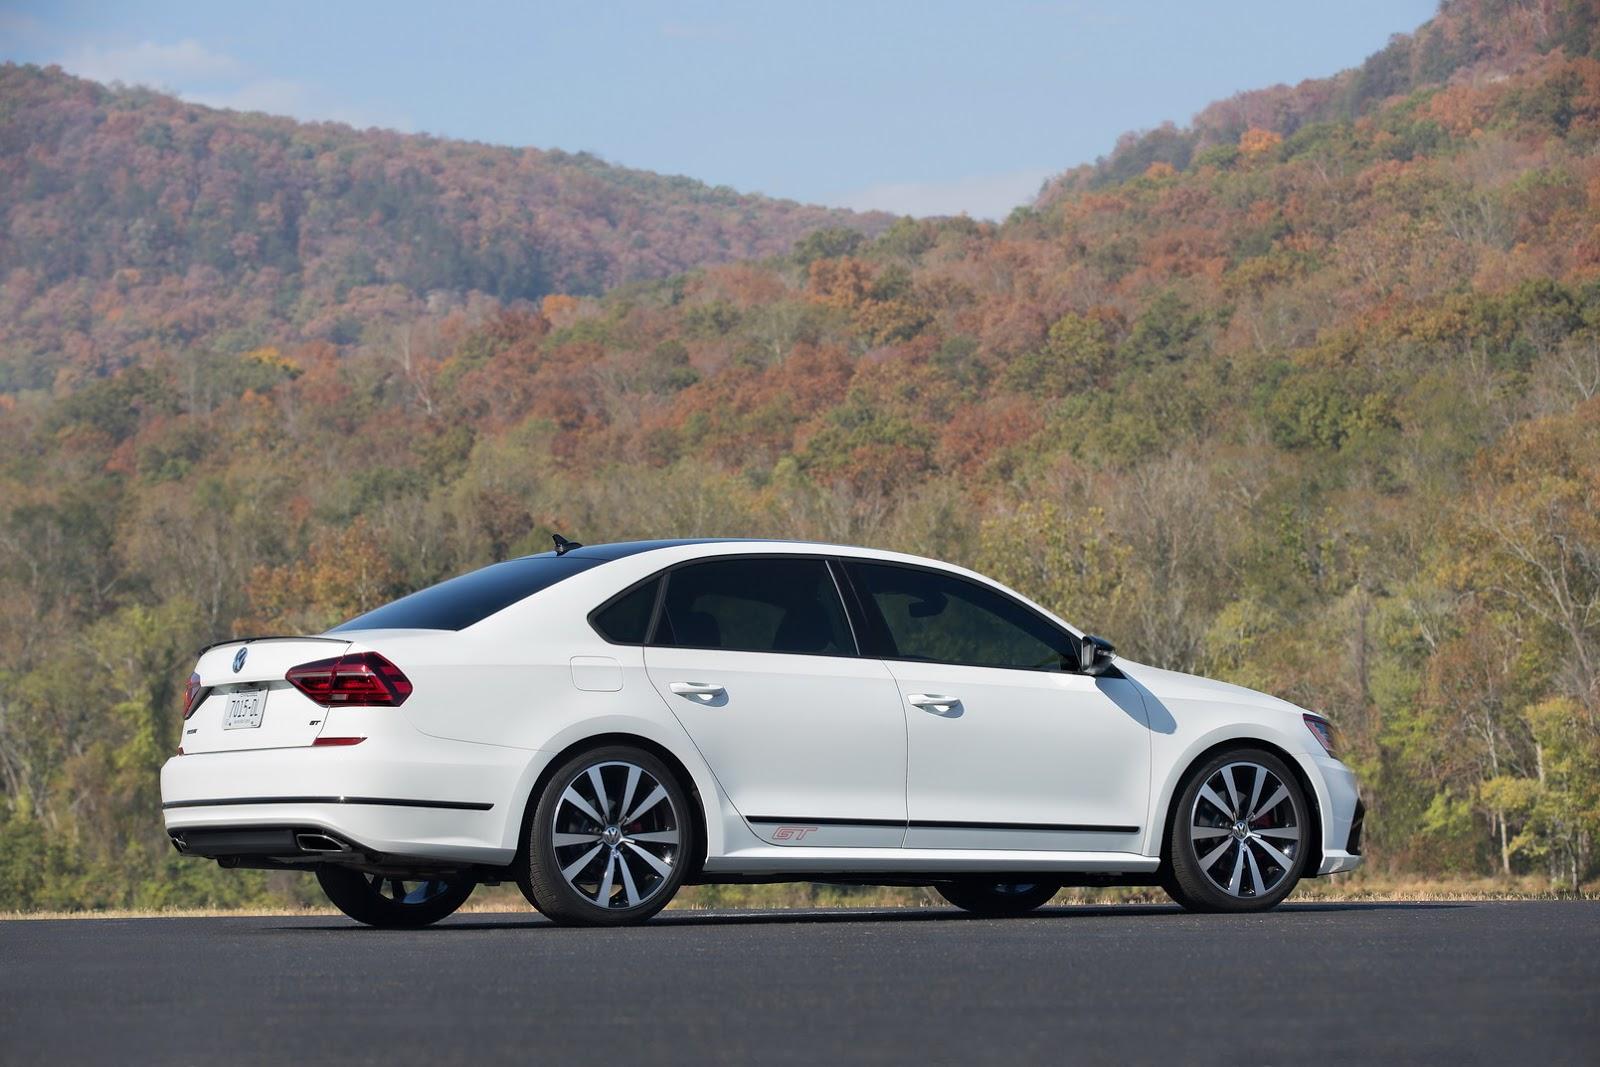 VW Passat GT Concept (9)